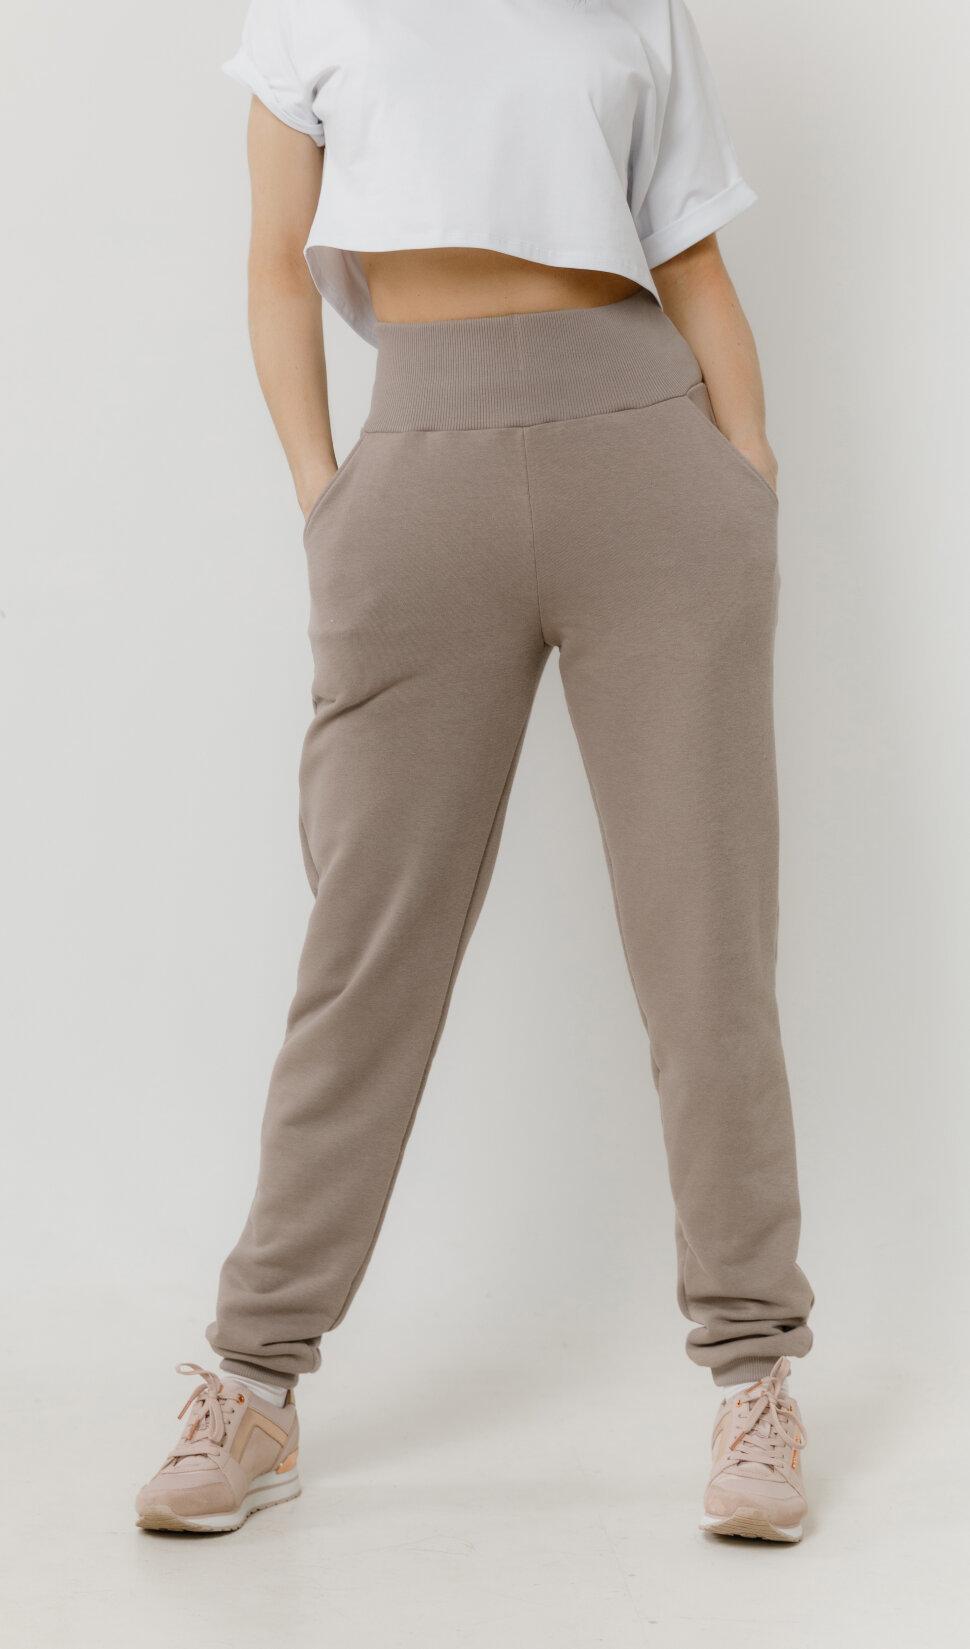 Женские спортивные брюки Basic Cotton Coffee